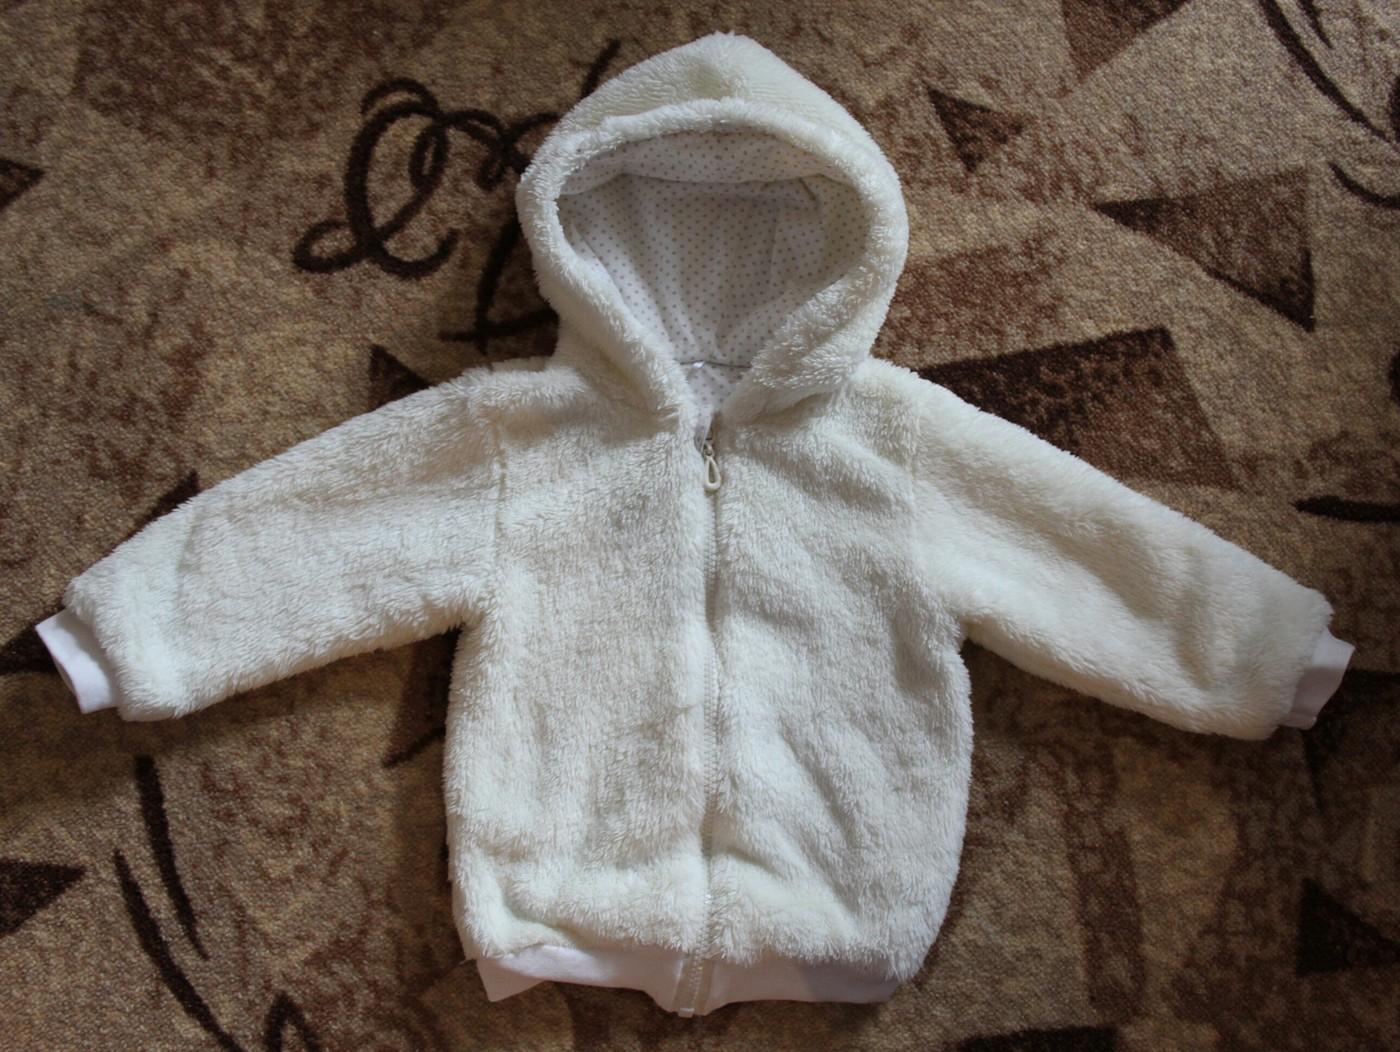 80-86р слегка утепленная пушистая кофта-куртка тонкий утеплитель + хлопковая подкладка состояние идеальное 500р